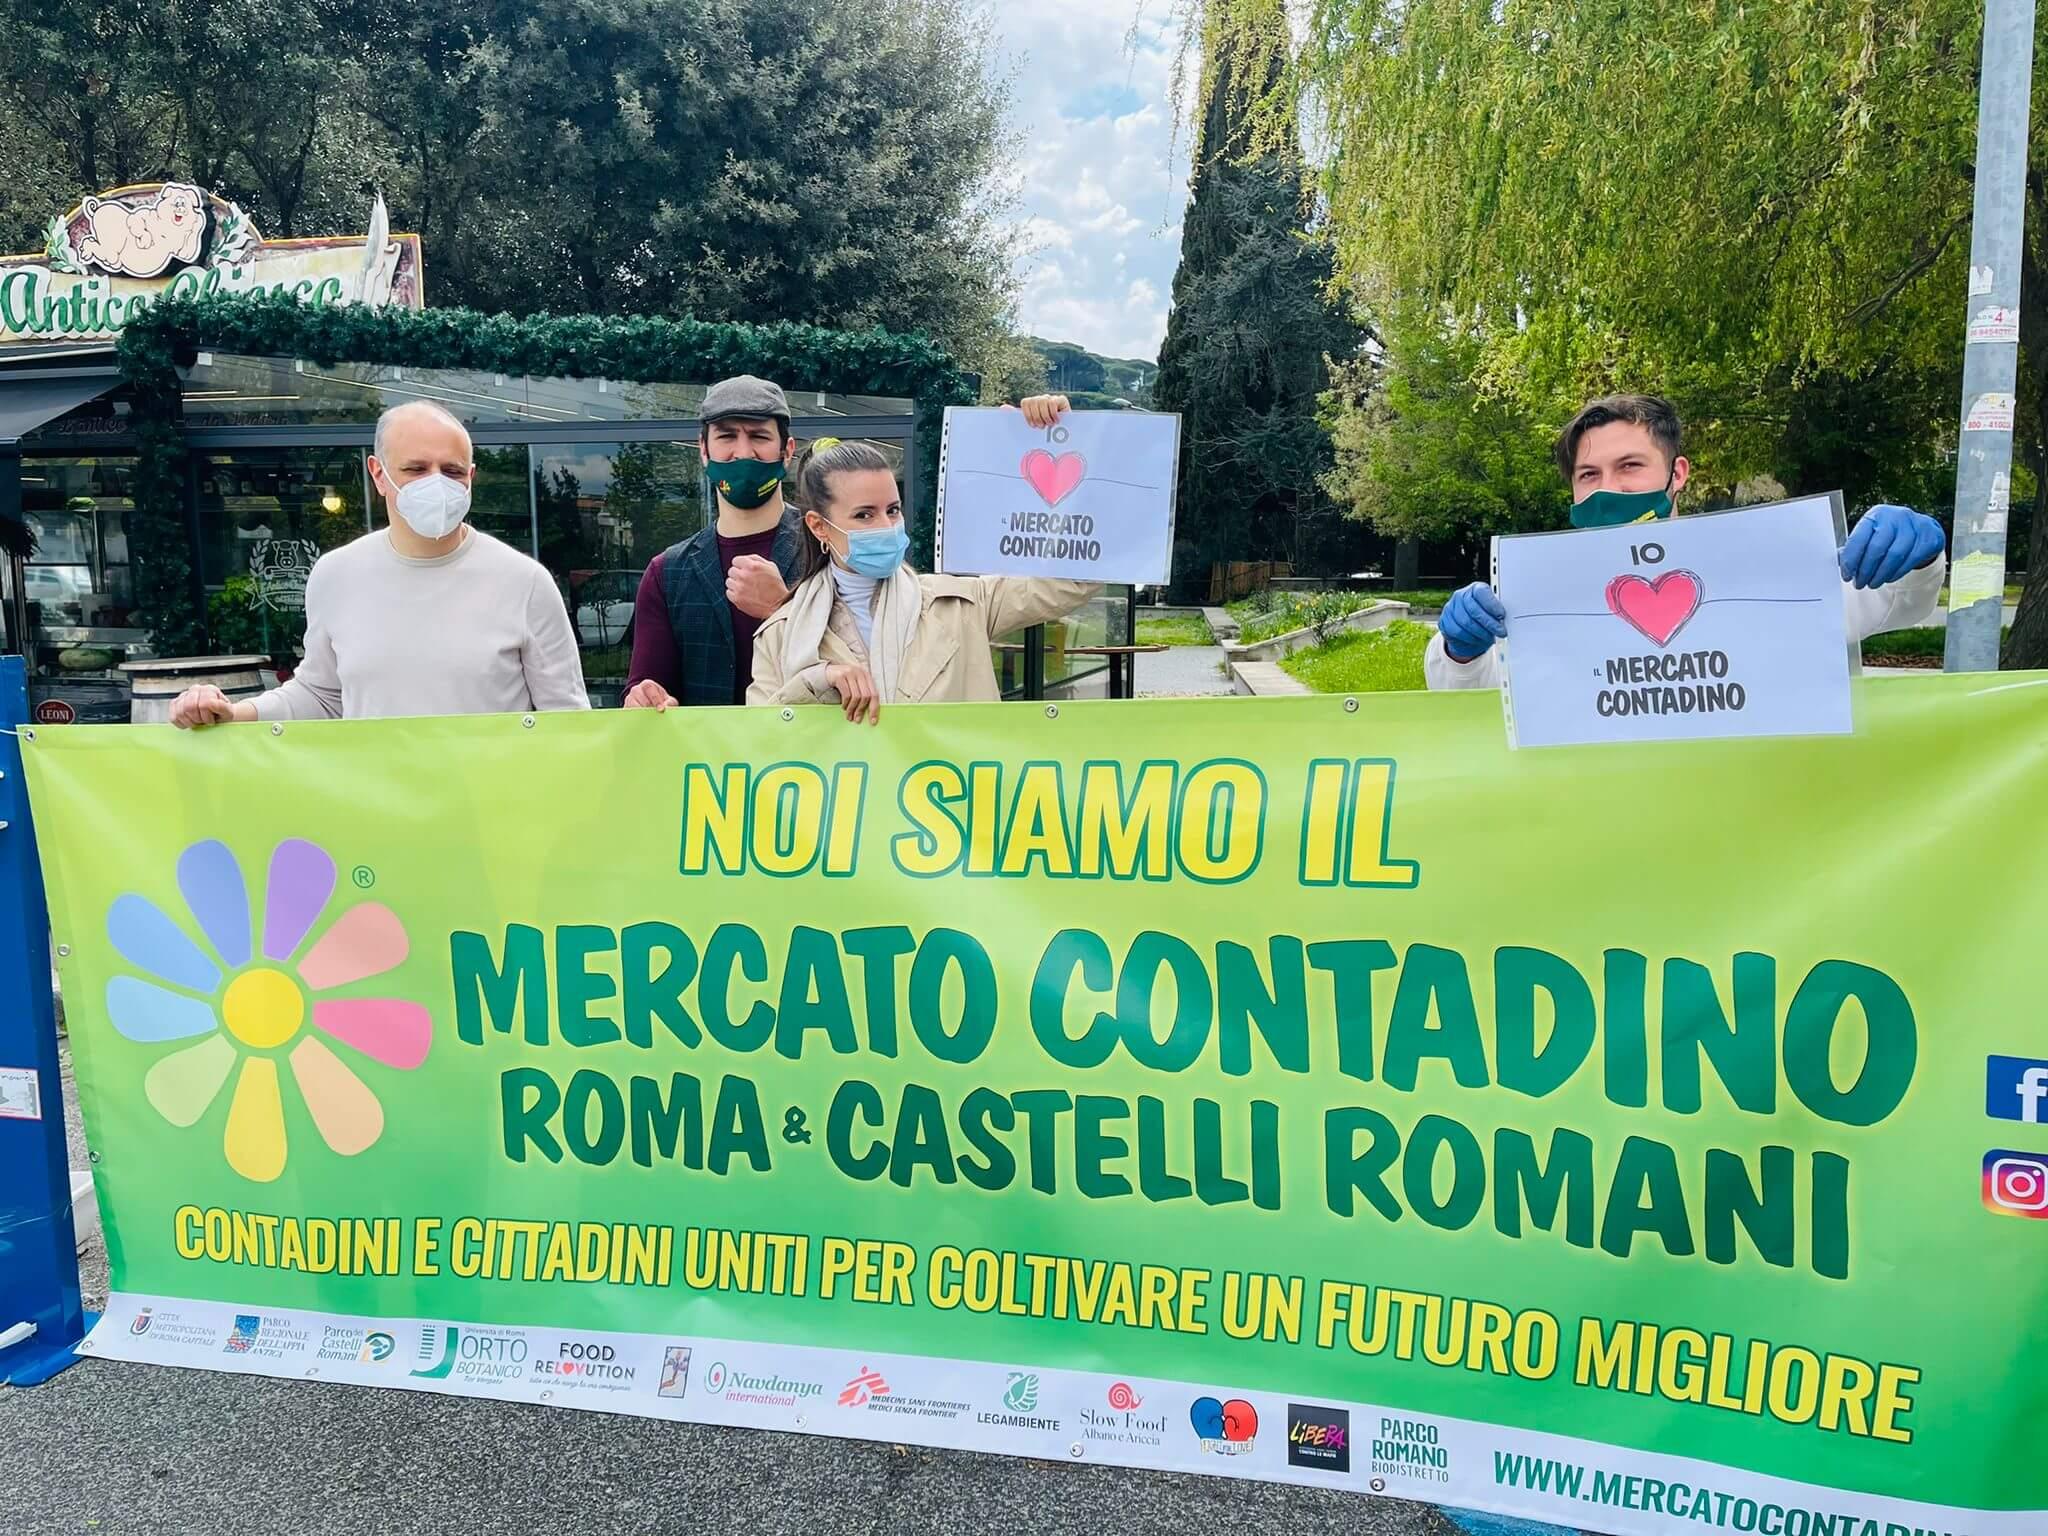 Mercato Contadino Grottaferrata Gabriele Casella e Laura Canali _